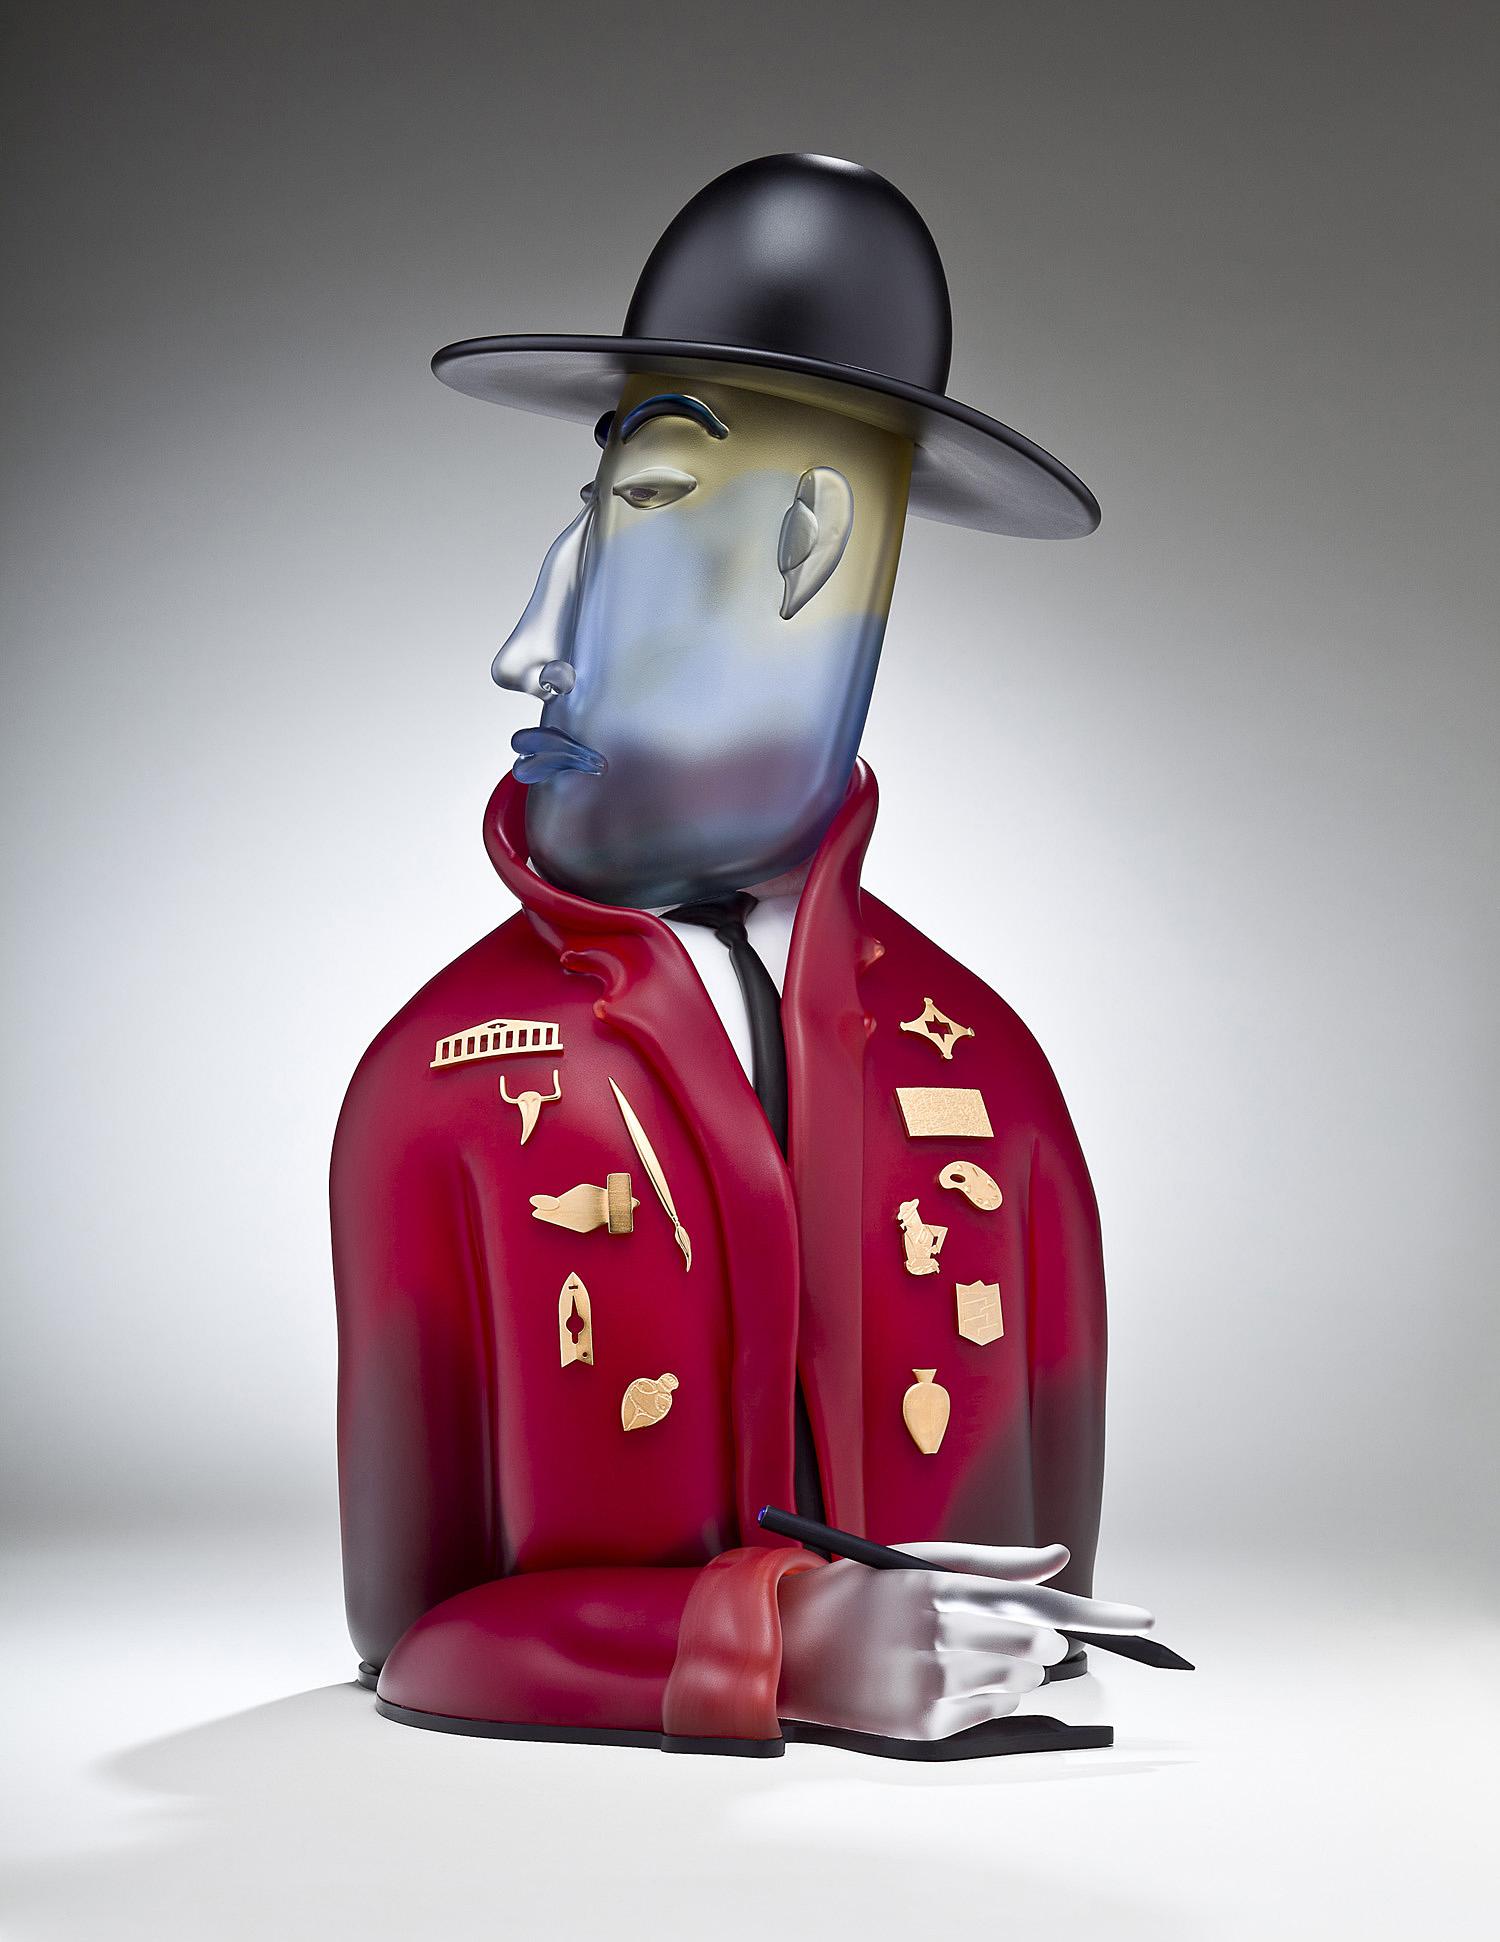 """Art Official   2011. Blown glass, gold-plated bronze, aluminum. 25½ x 14 x 12½"""""""